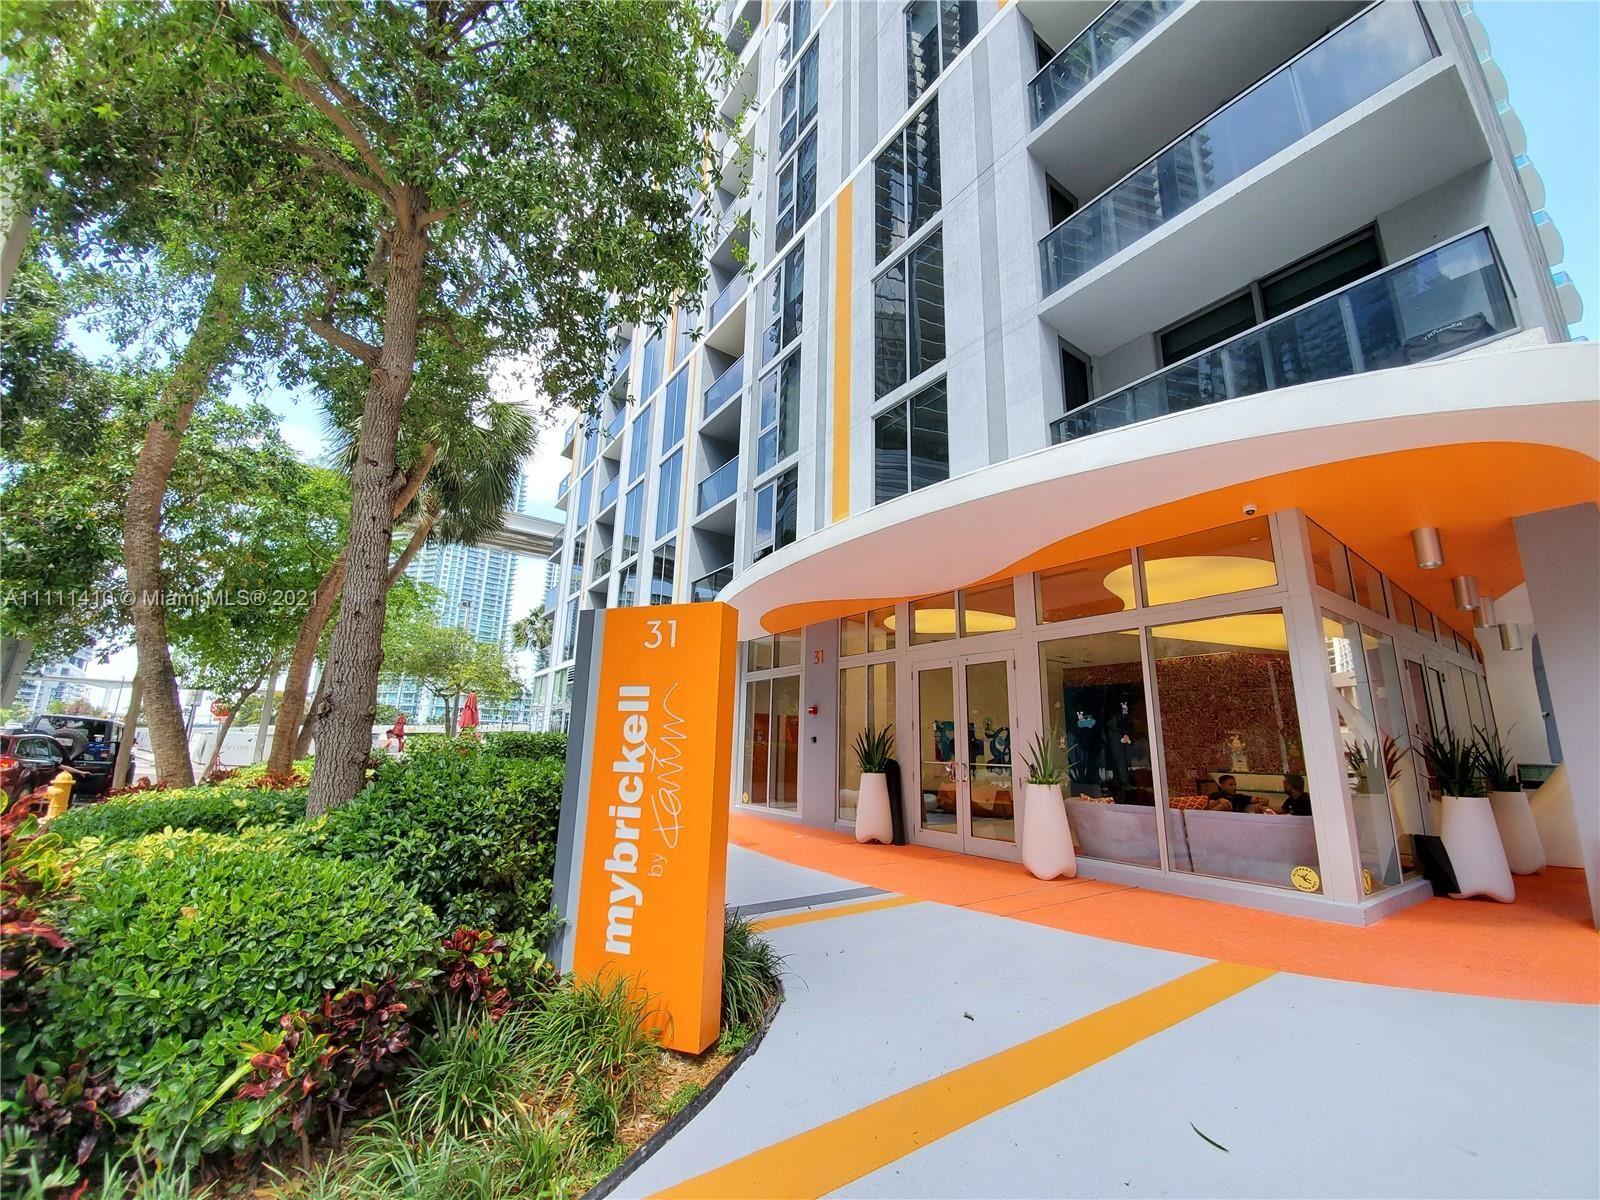 31 SE 6th St #505, Miami, FL 33131 - #: A11111410